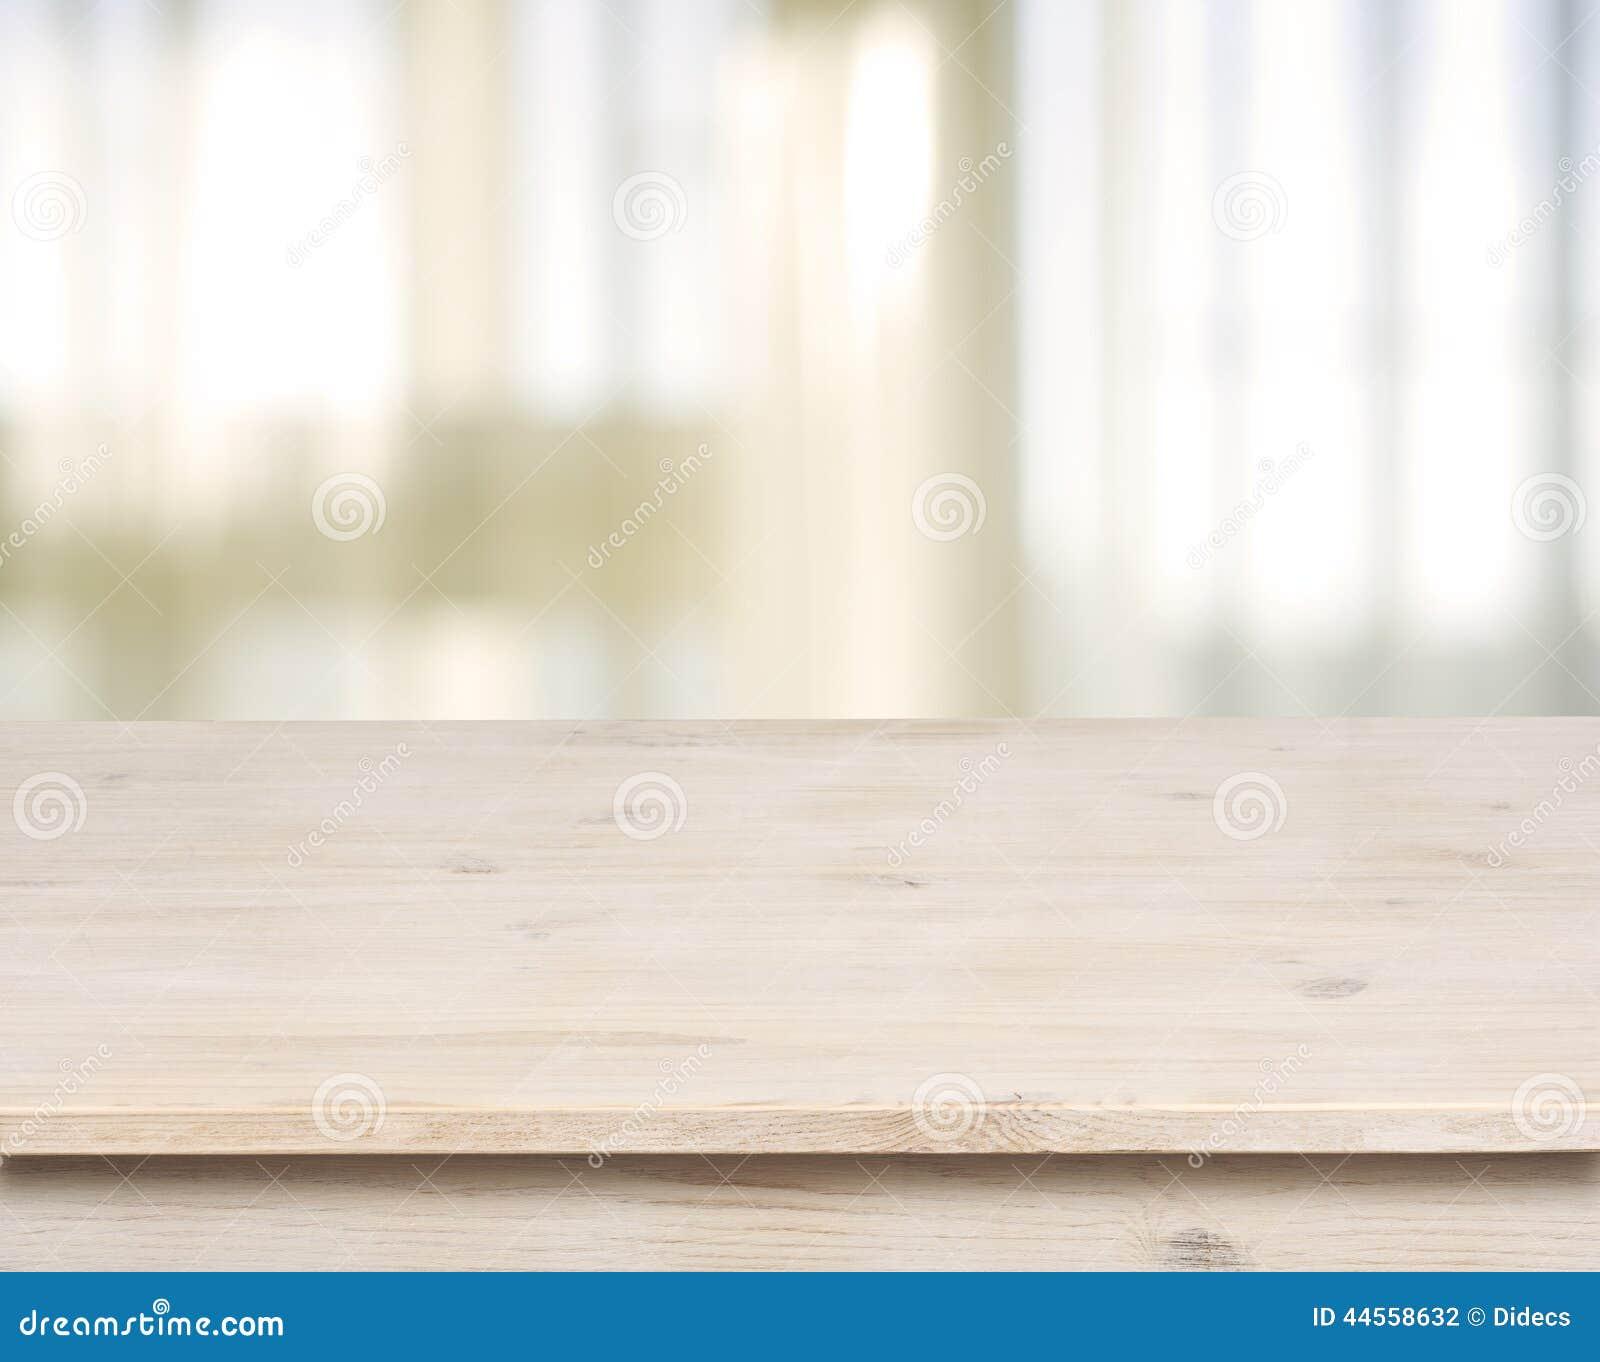 Ο ξύλινος πίνακας επάνω το παράθυρο με το υπόβαθρο κουρτινών